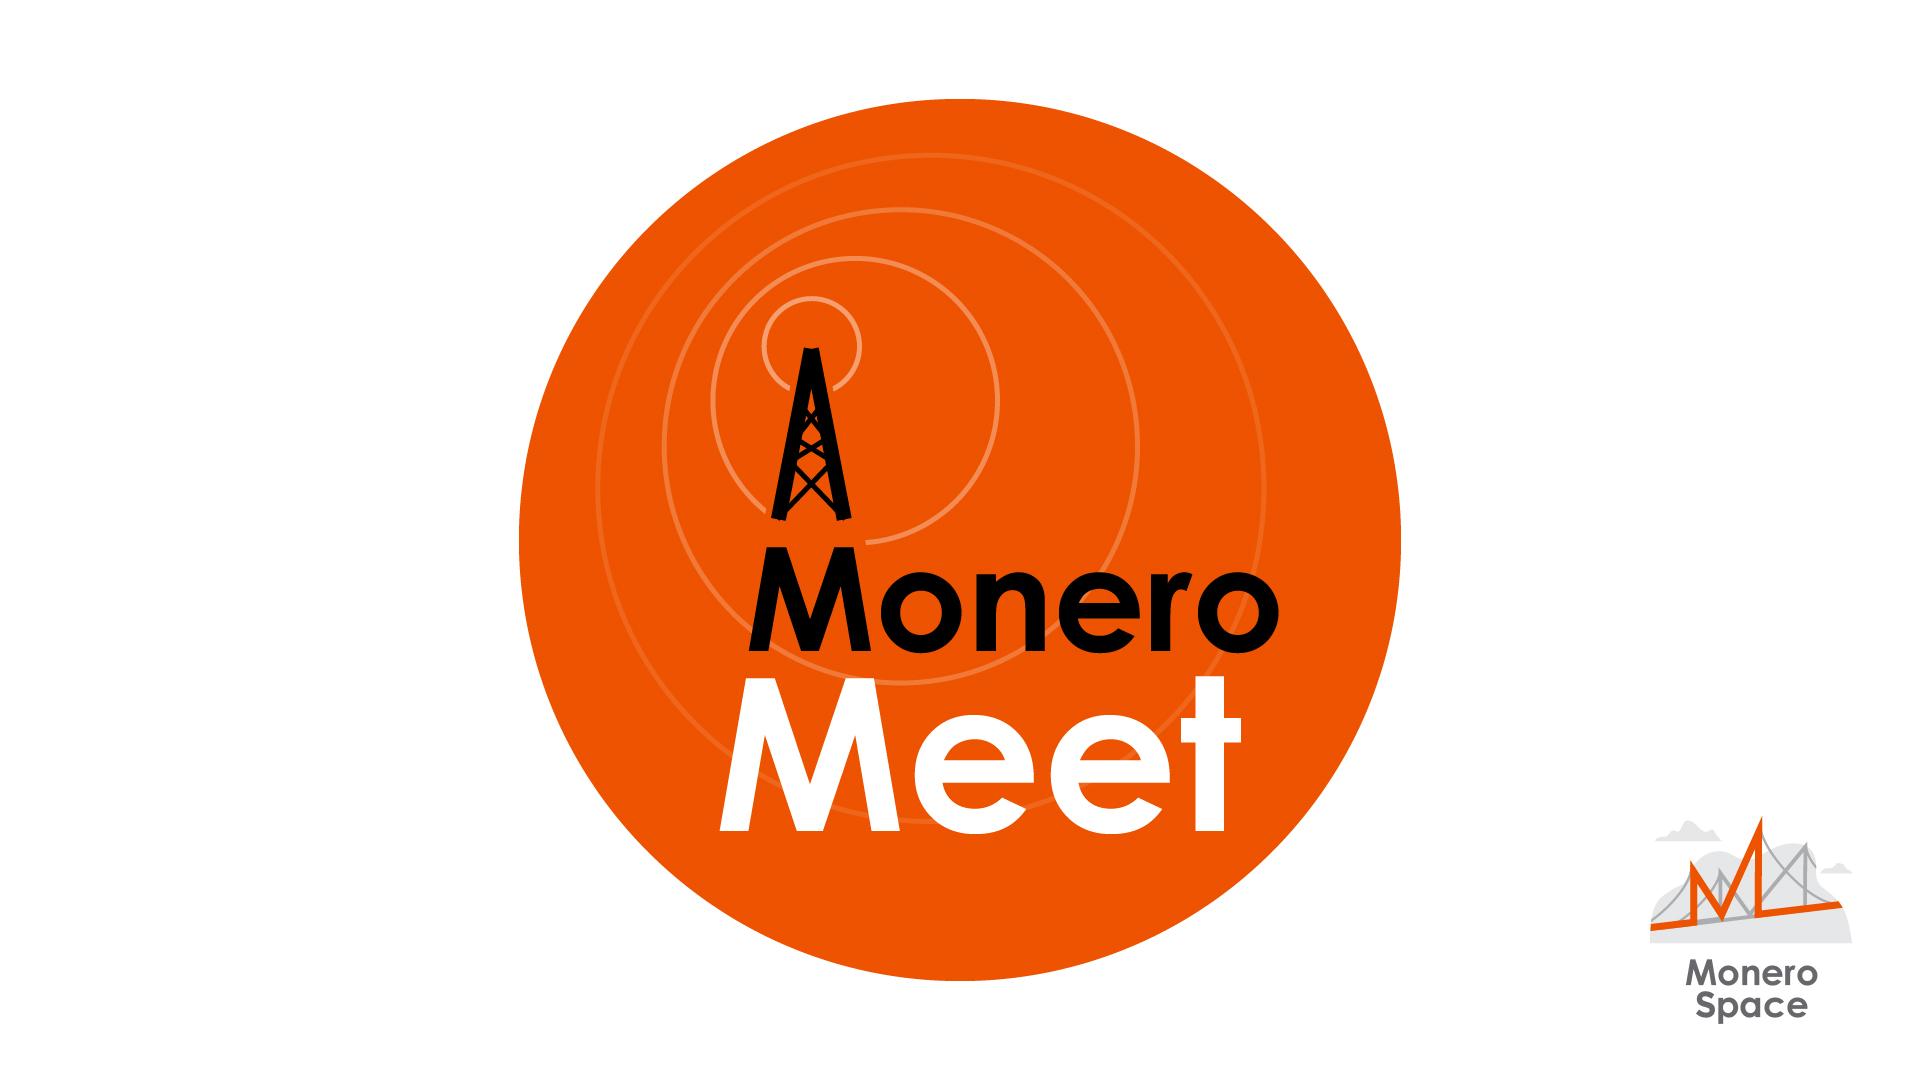 Monero Meet